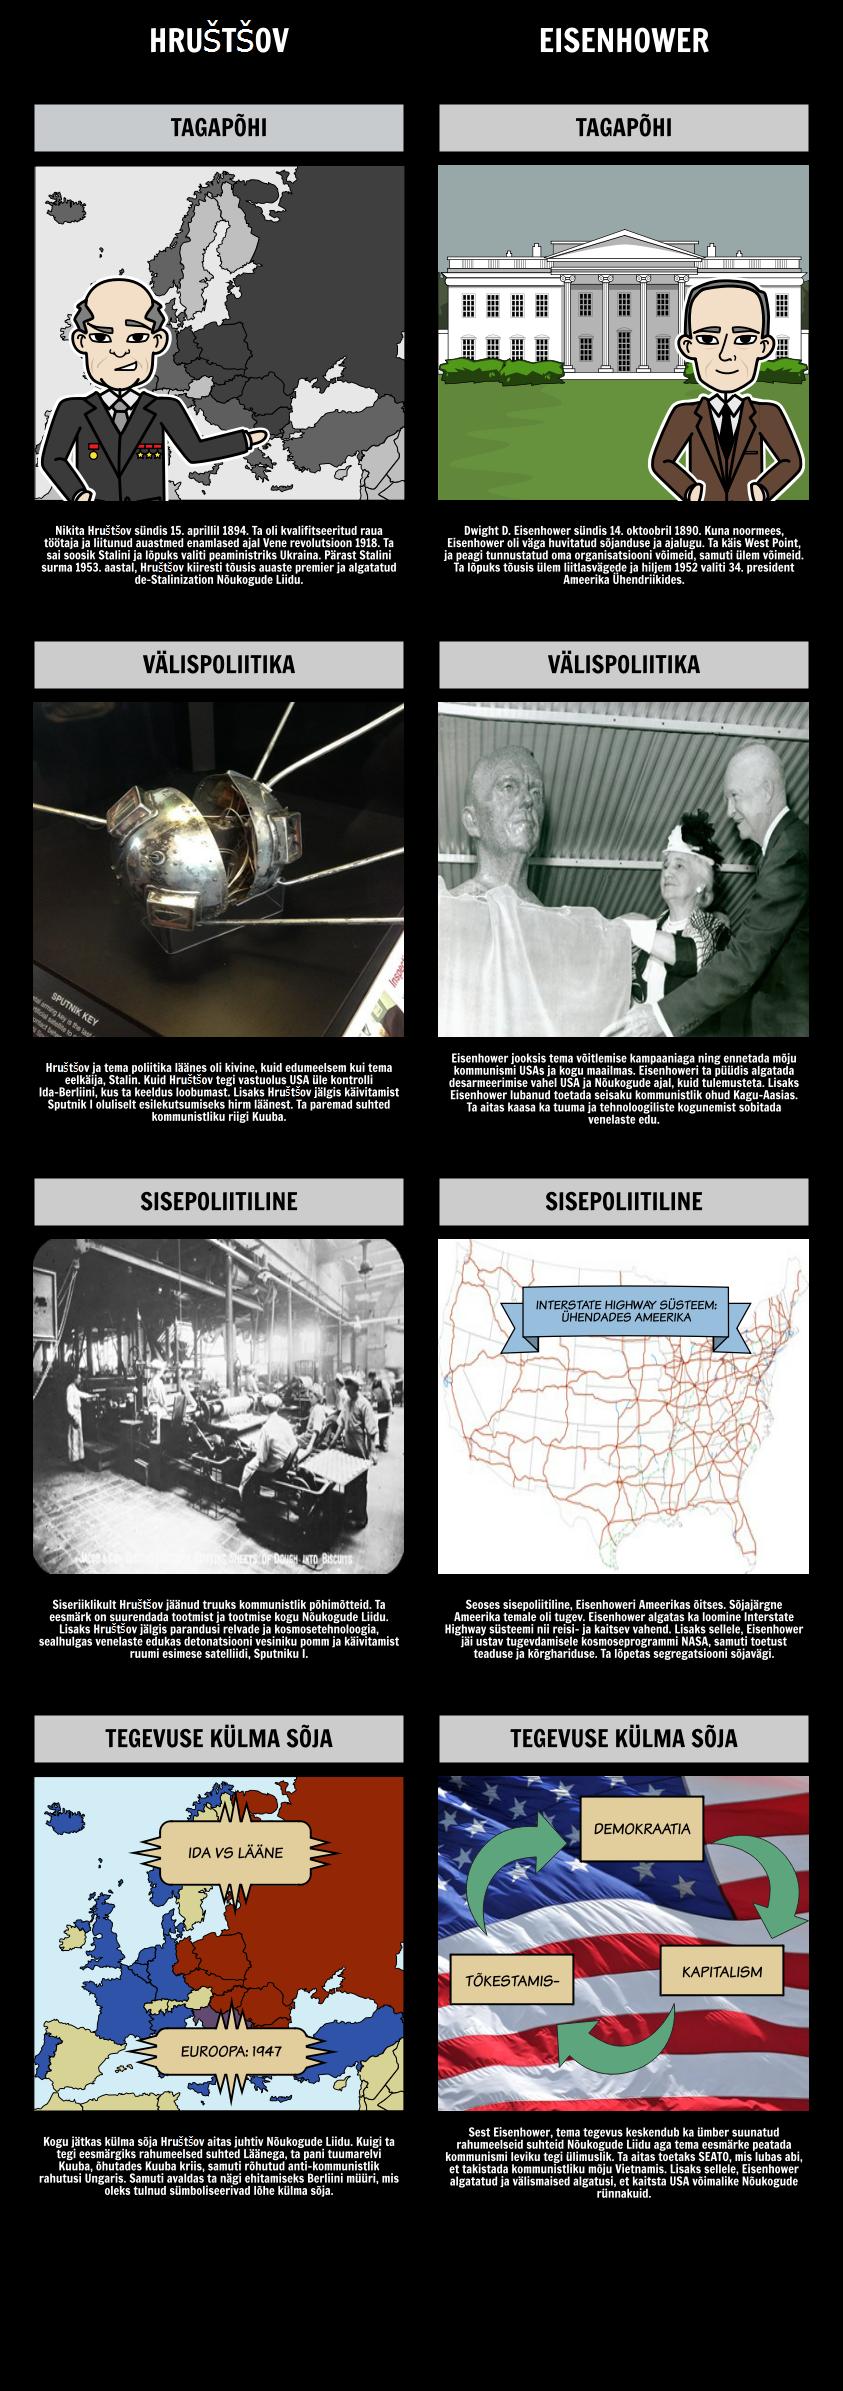 Hruštšov vs Eisenhower - Arenevad Supervõime Leaders Külma Sõja